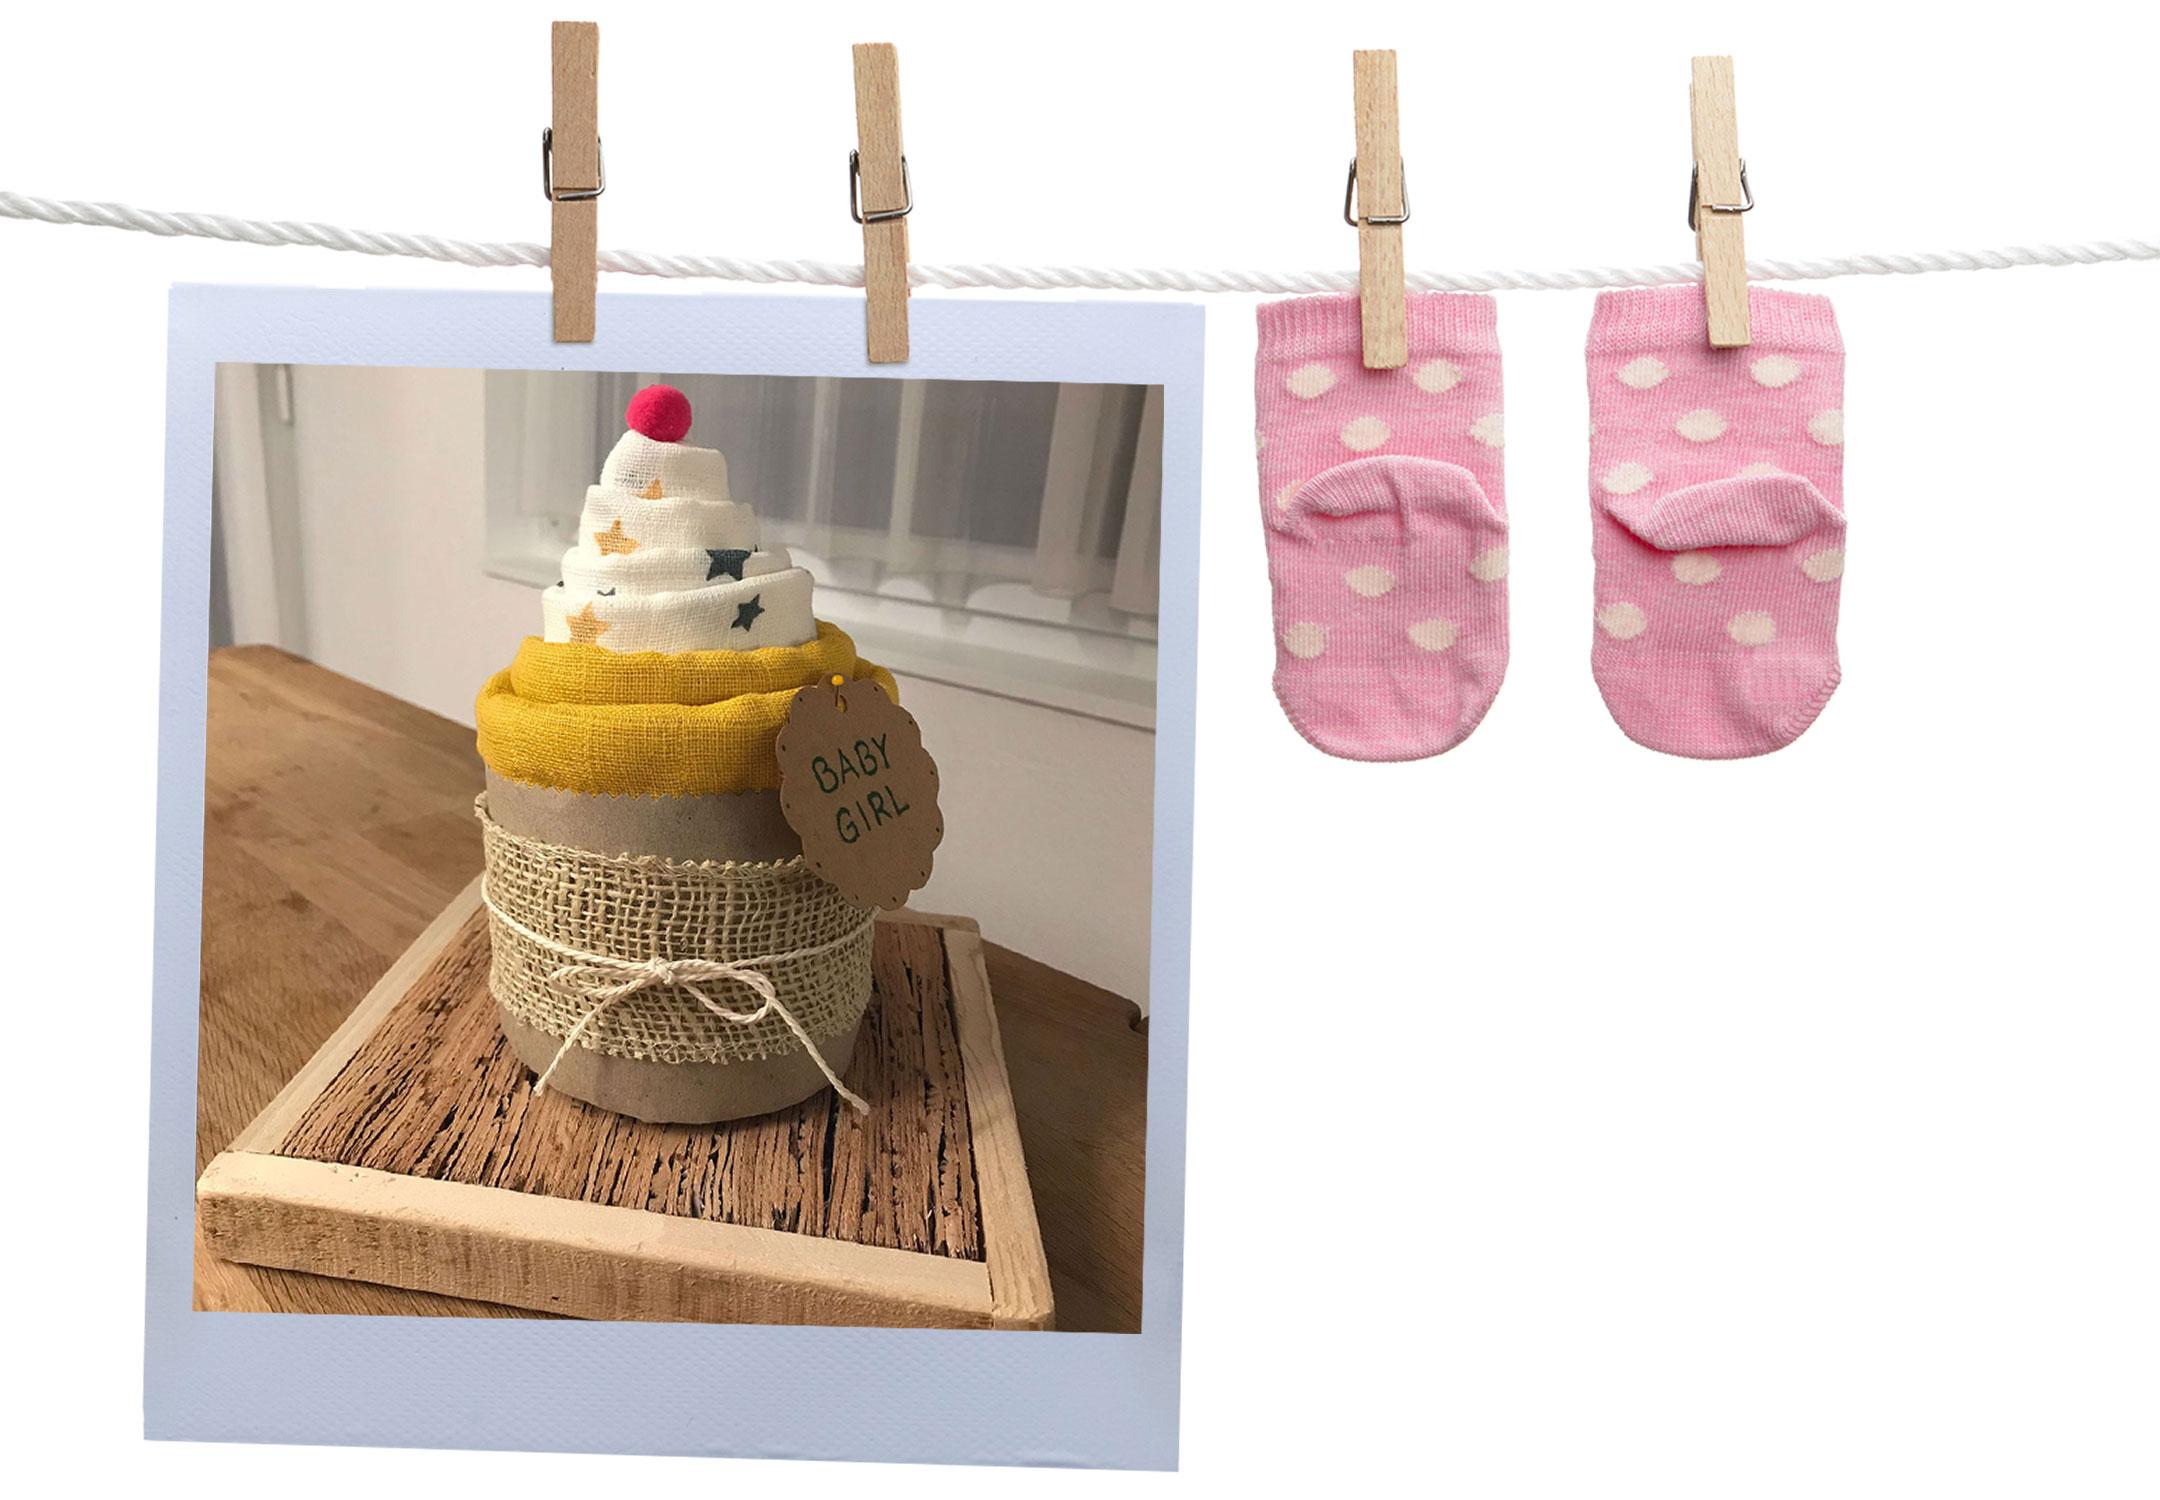 Geschenkidee - DIY Noschi Cupcake